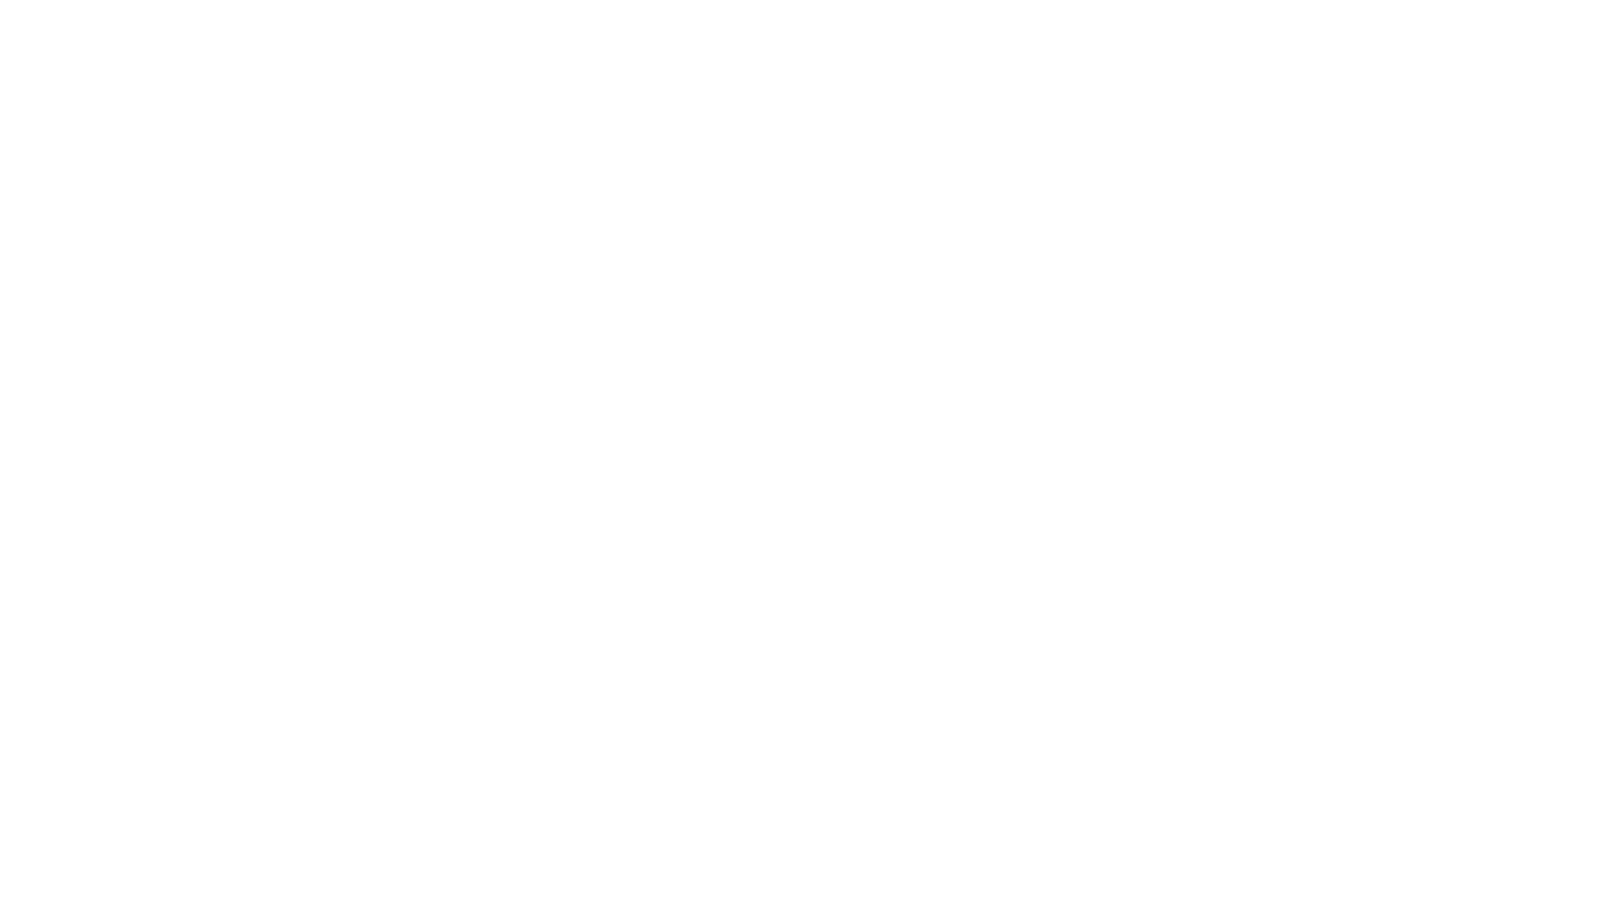 Tervetuloa Vivamon messuun! Messun toimittavat Virpi Nyman (liturgia), Venla Ojala (saarna) ja Lotta Salmi (musiikki).  Messun tekstit: Ensimmäinen lukukappale: 2. Moos. 16:11–19, 31, 35  Toinen lukukappale: 1. Tim. 6:17–19  Evankeliumi: Matt. 6:19–24   Käy tutustumassa Vivamon ohjelmaan verkkosivulla www.vivamo.fi   ....................  Lahjoita kolehtipyhän keräykseen nuoriso- ja opiskelijatyömme hyväksi. Siten mahdollistat sen, että sanoma Jeesuksesta saa vaikuttaa nuorten ja nuorten aikuisten elämässä.    Tekstiviestilahjoitus 40€ Tekstaa KRS40 numeroon 16499 Tekstiviestilahjoitus 20€ Tekstaa KRS20 numeroon 16499 MobilePayn lahjoitusnumero on 28226  Tilisiirtolahjoitus käyttäen viitettä 50513: Saaja: Kansan Raamattuseuran säätiö FI65 5236 0420 1235 93 - OKOYFIHH FI73 2103 3800 0055 77 - NDEAFIHH   Rahankeräyslupa www.kansanraamattuseura.fi/kerayslupa